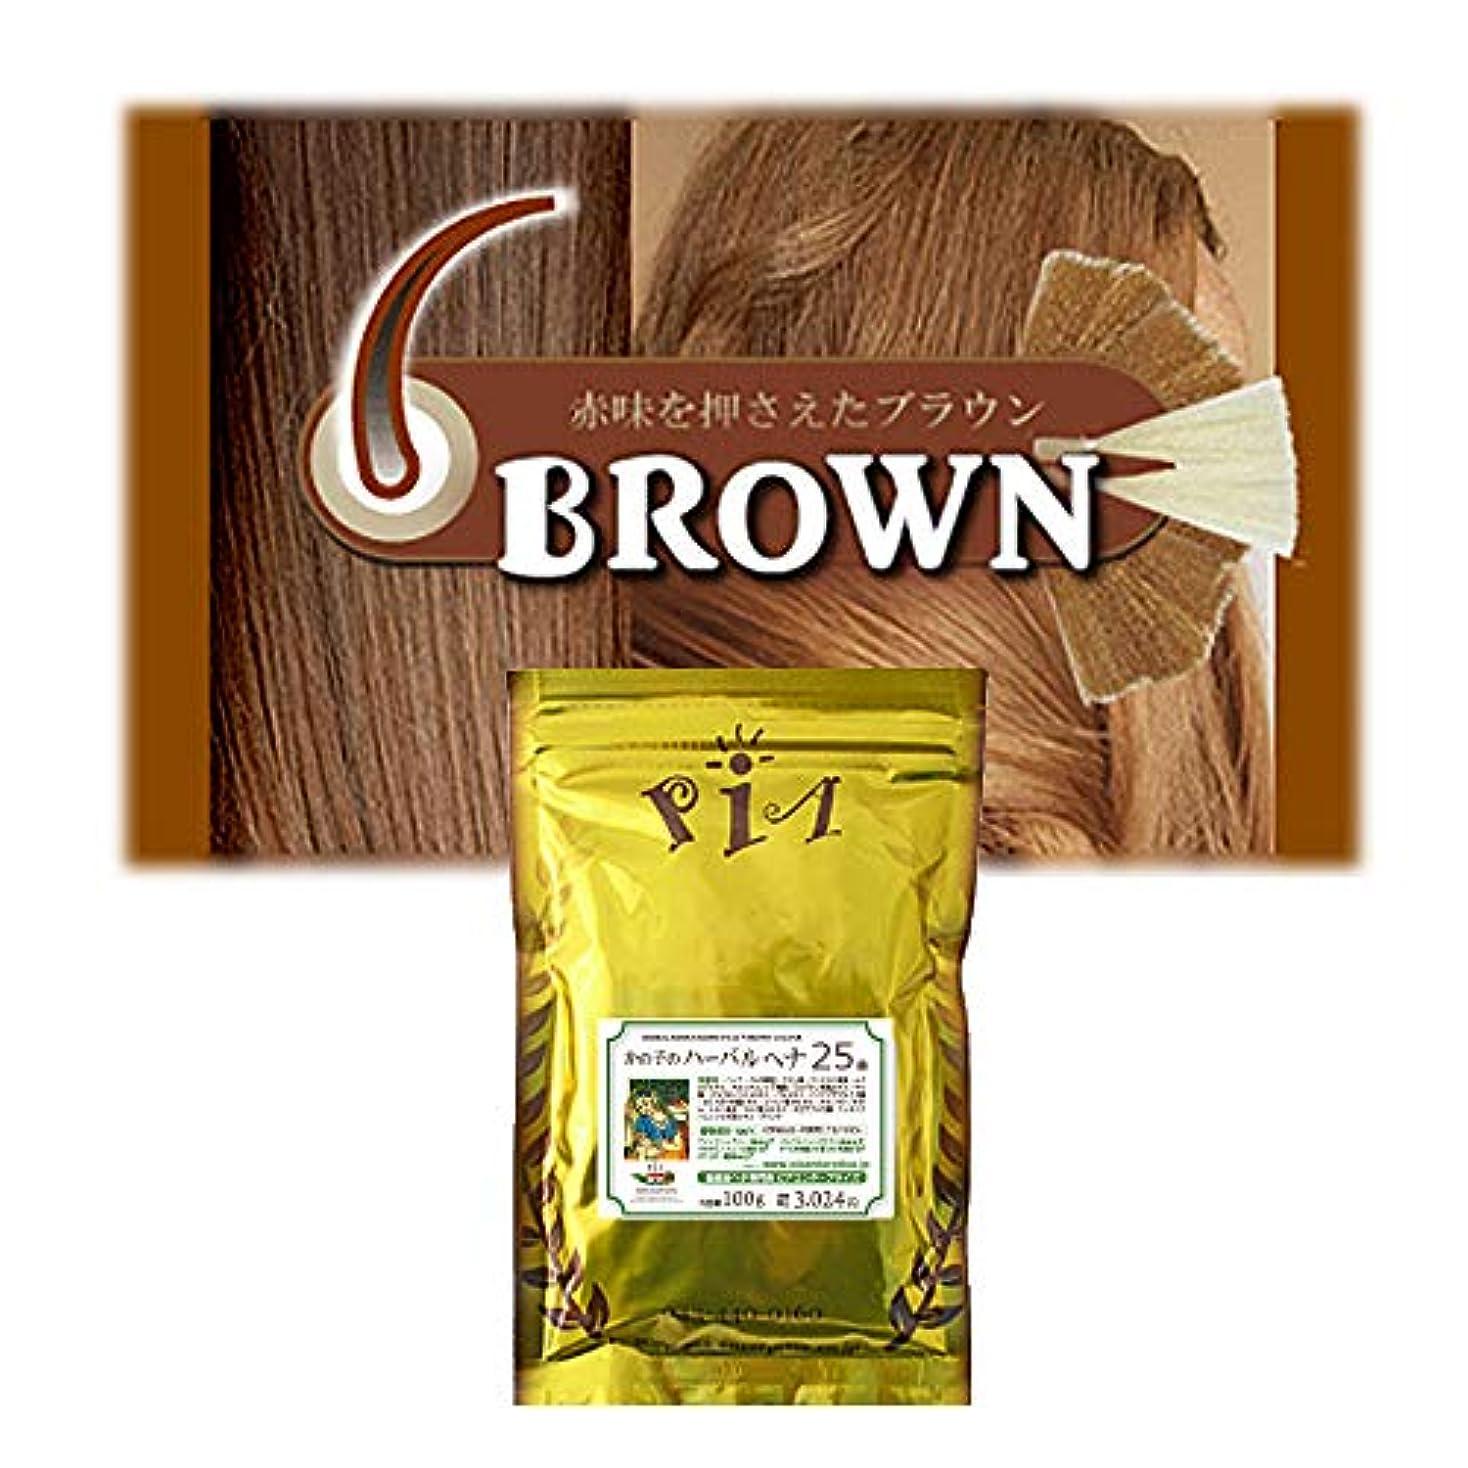 プロポーショナルキリスト教不承認【ヘナ】 かの子のハーバルヘナ25番 (色:ブラウン Brown )単品 ハケブラシはついておりません。